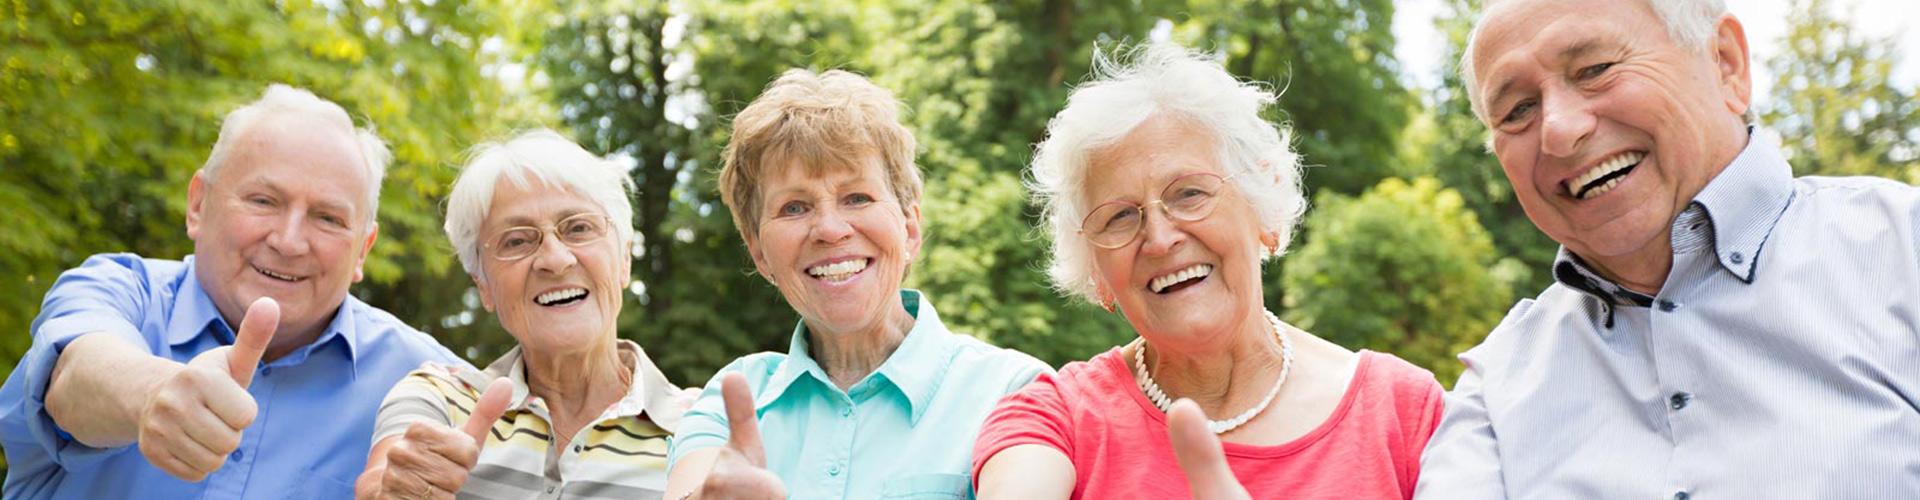 senior-care3